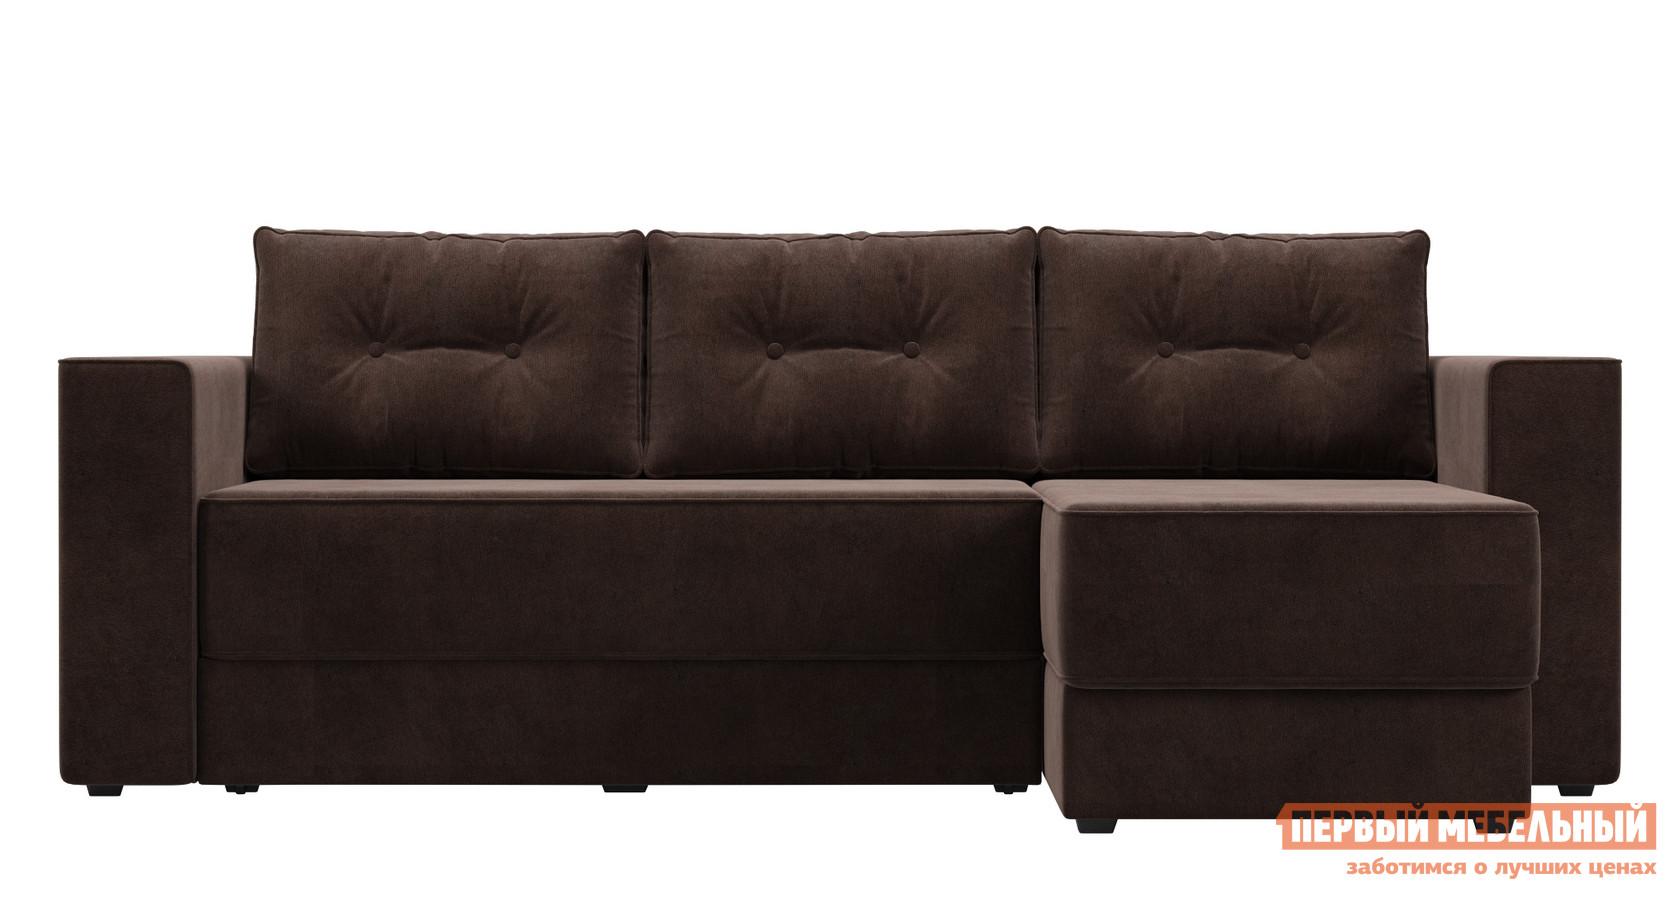 Угловой диван WOODCRAFT Сильвио диван угловой диван угловой woodcraft вендор джеральд 3 универсальный